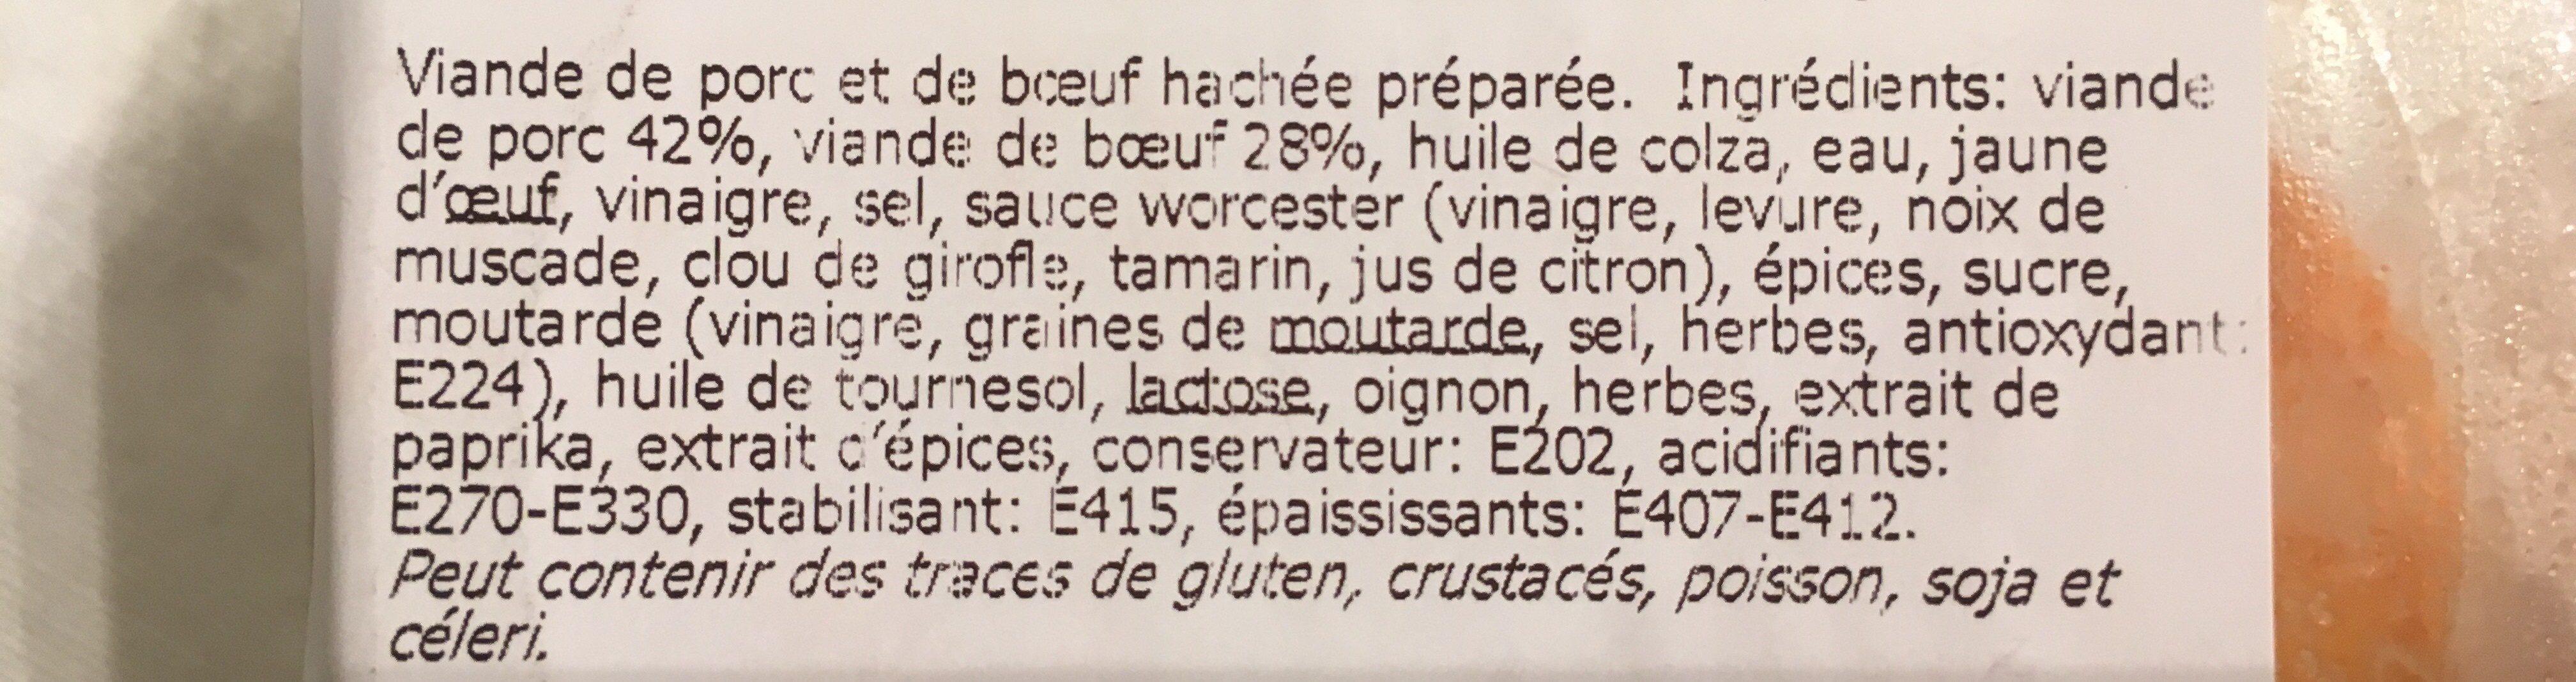 Filet Américain Préparé du Chef - Ingrédients - fr